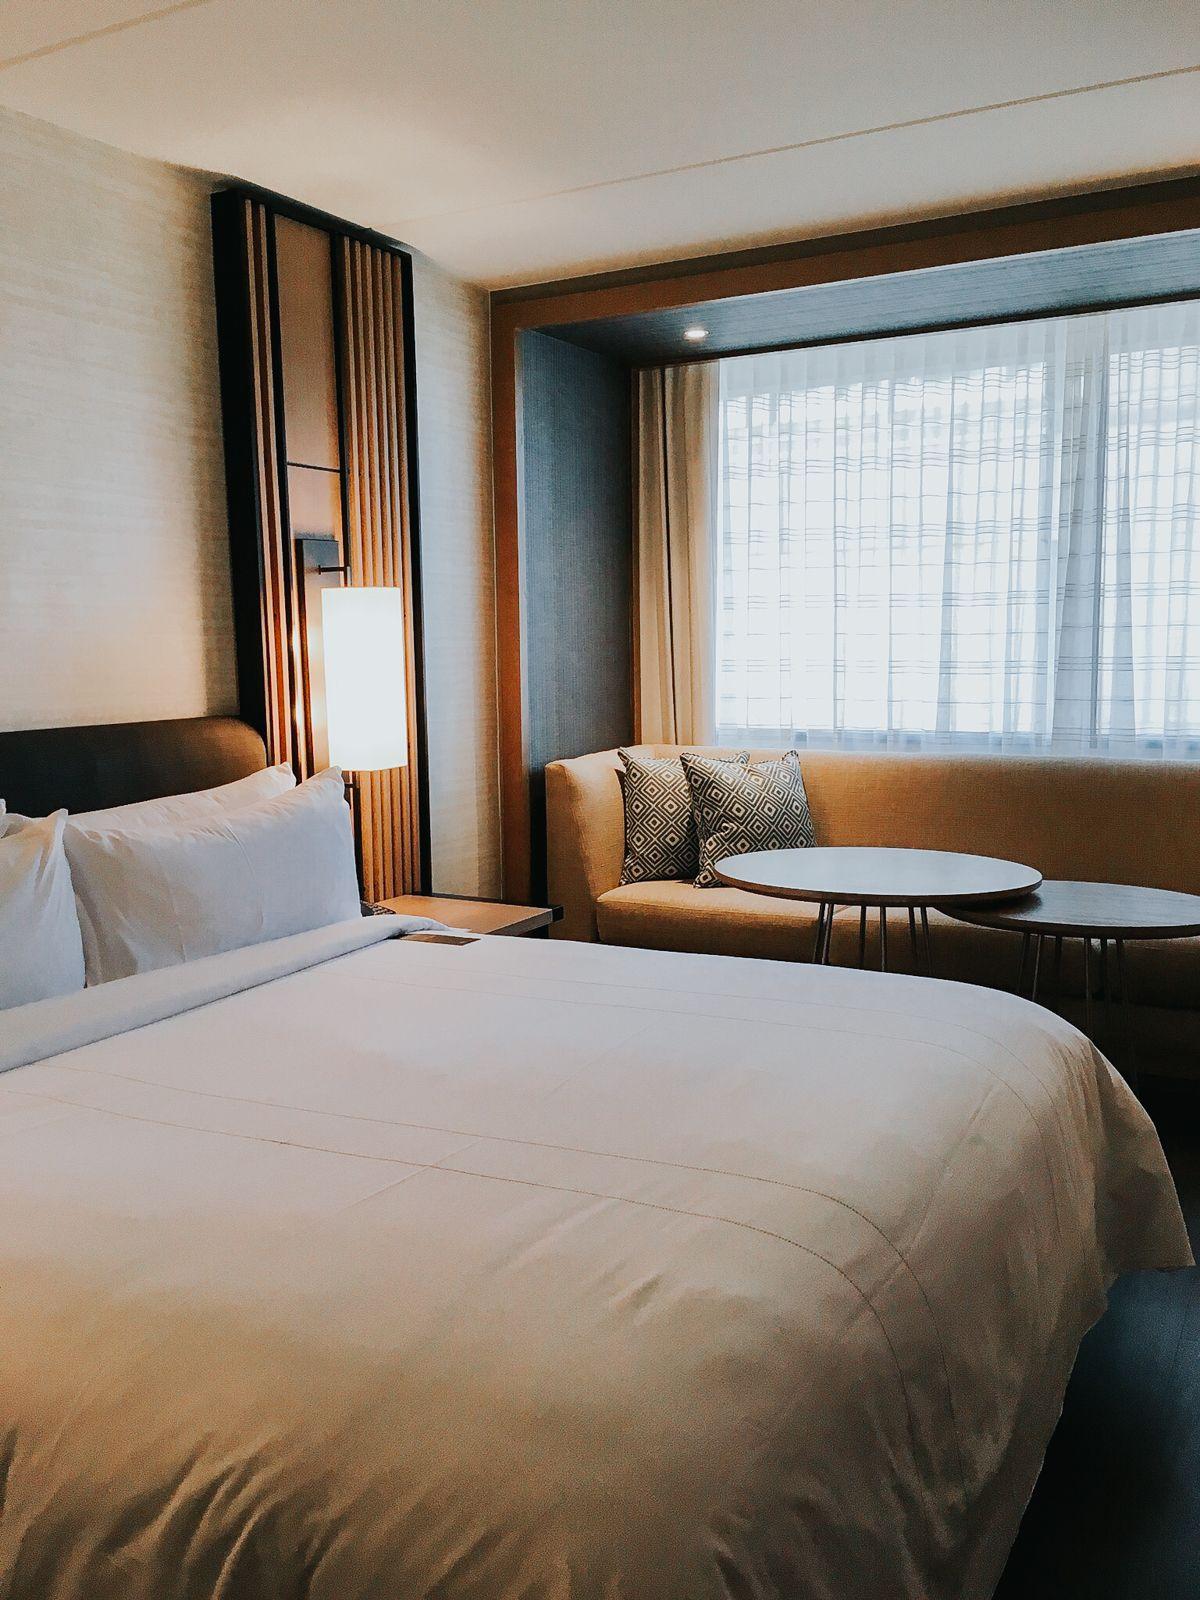 Marriott Hotel Bedroom